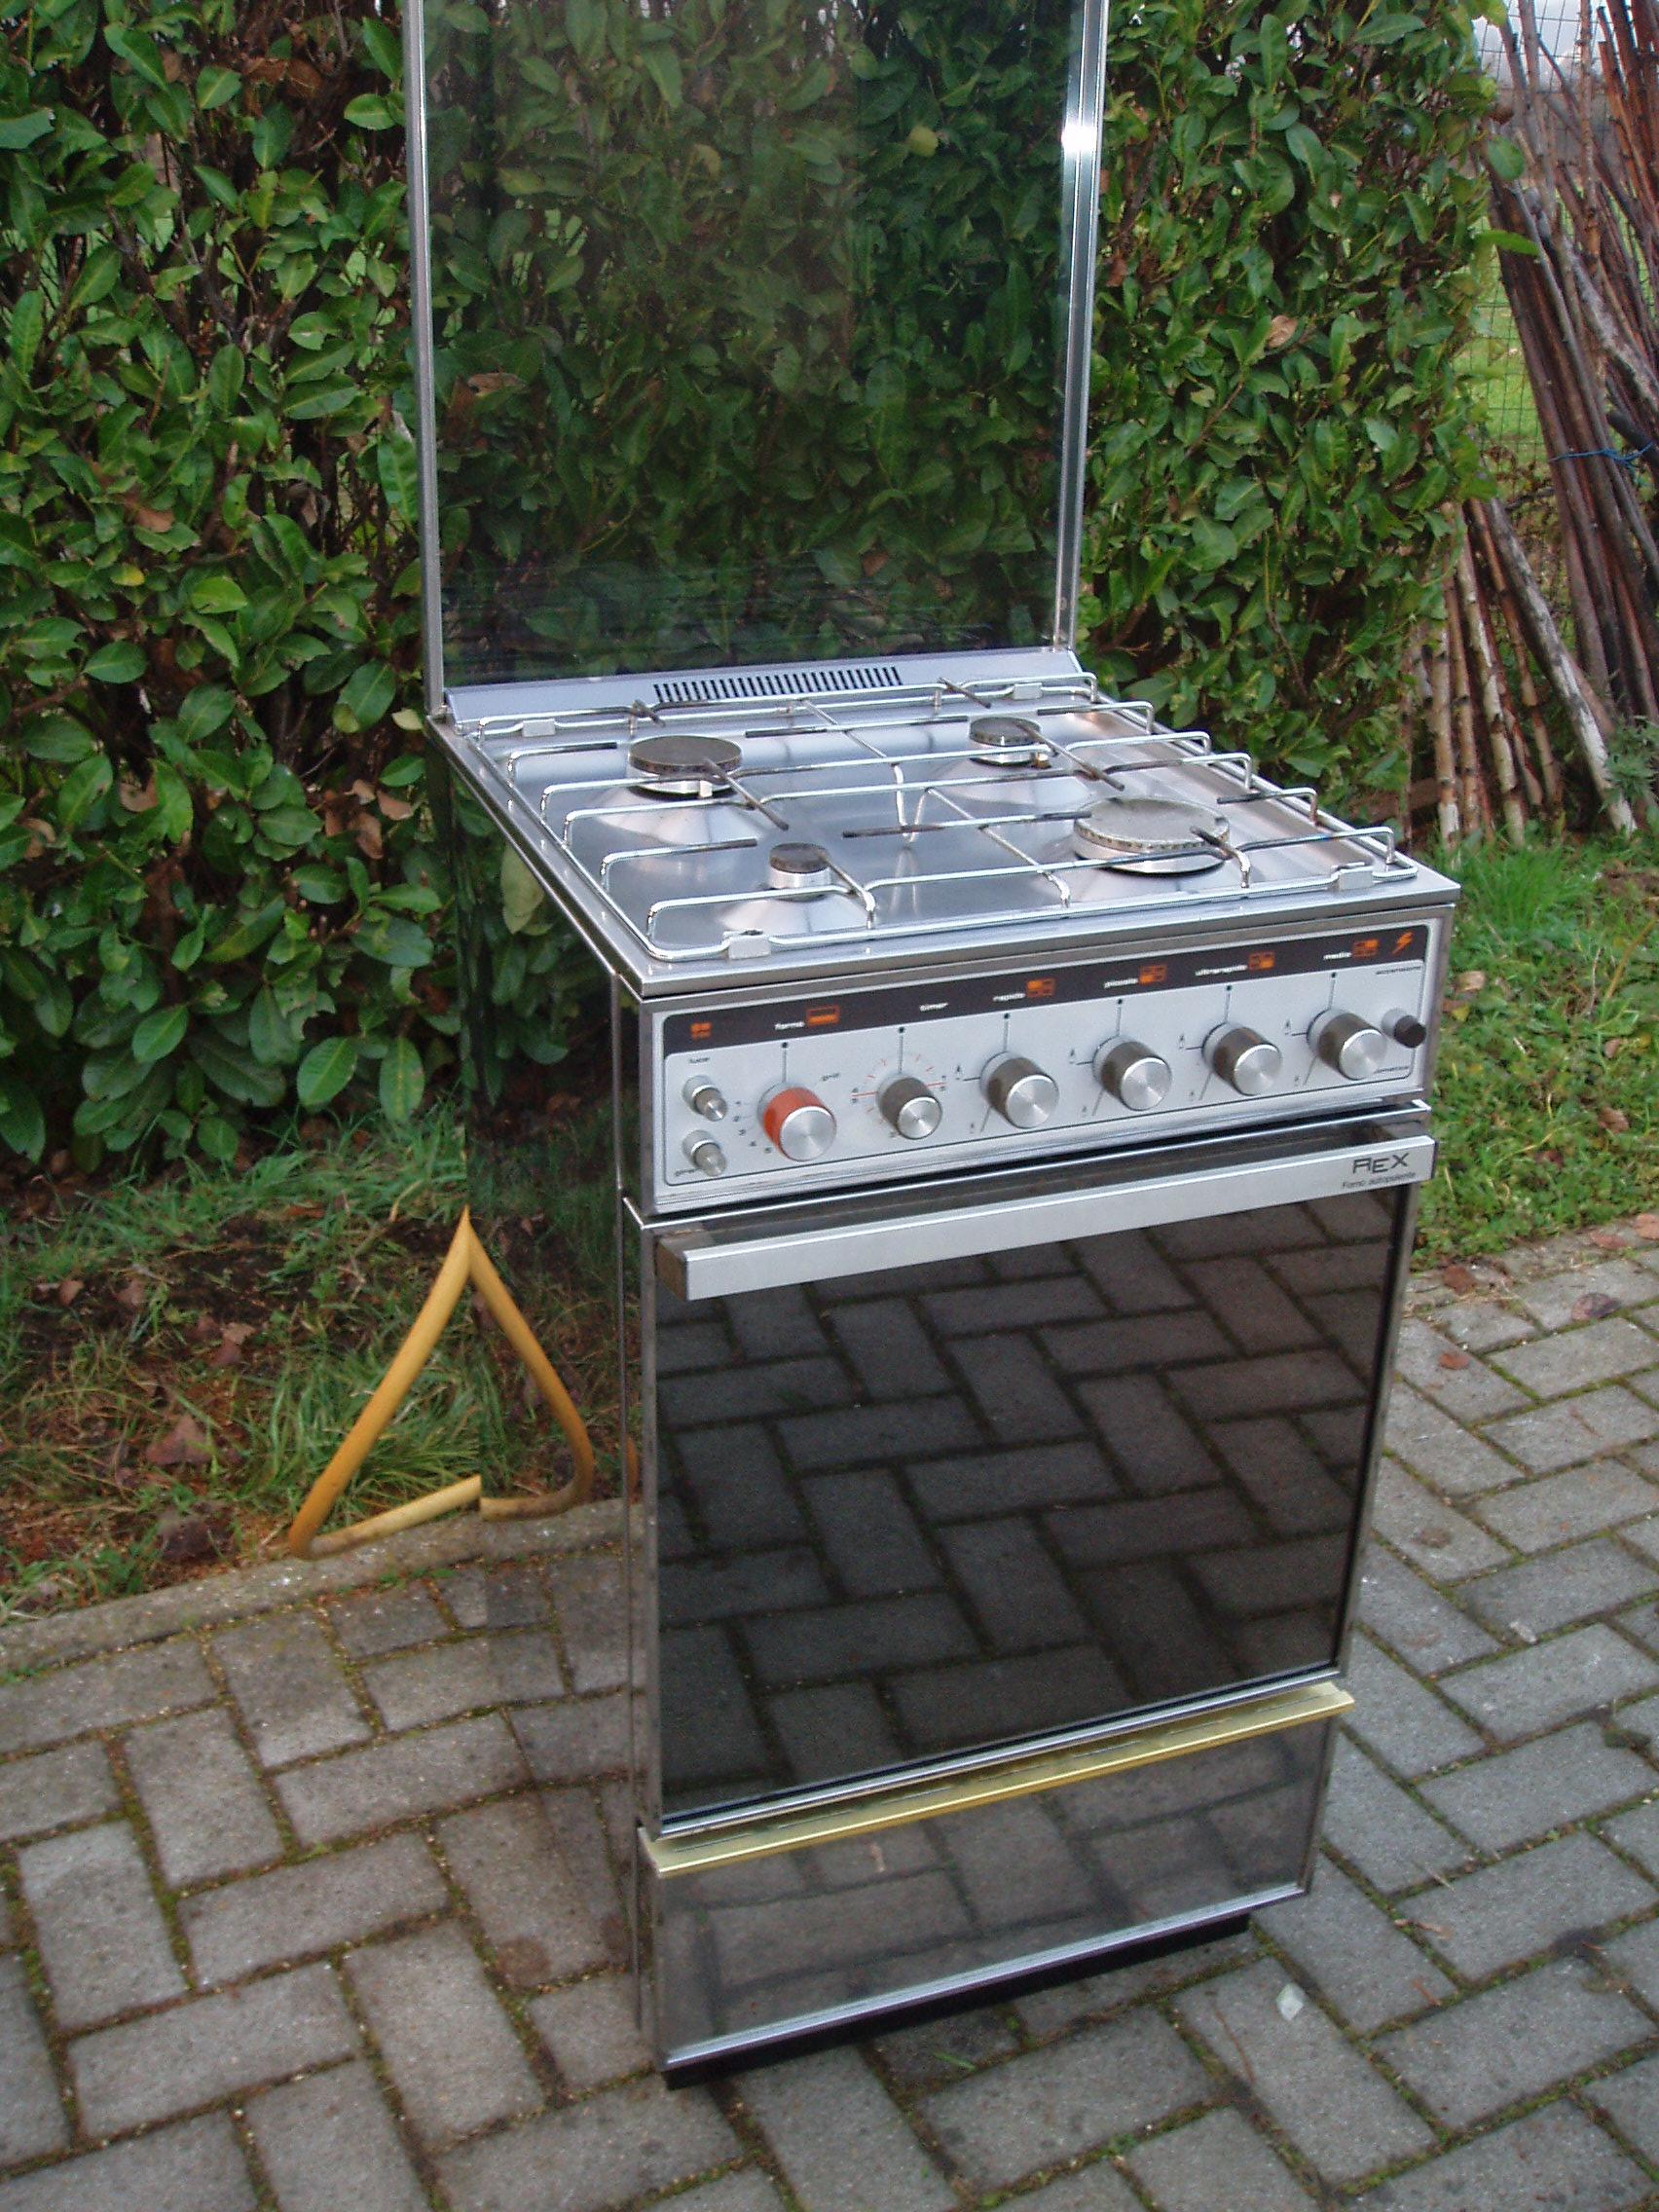 Cucine A Gas Con Forno A Gas Usate.Cucina Rex Con Forno Il Tendone Solidale Mercatino Dell Usato